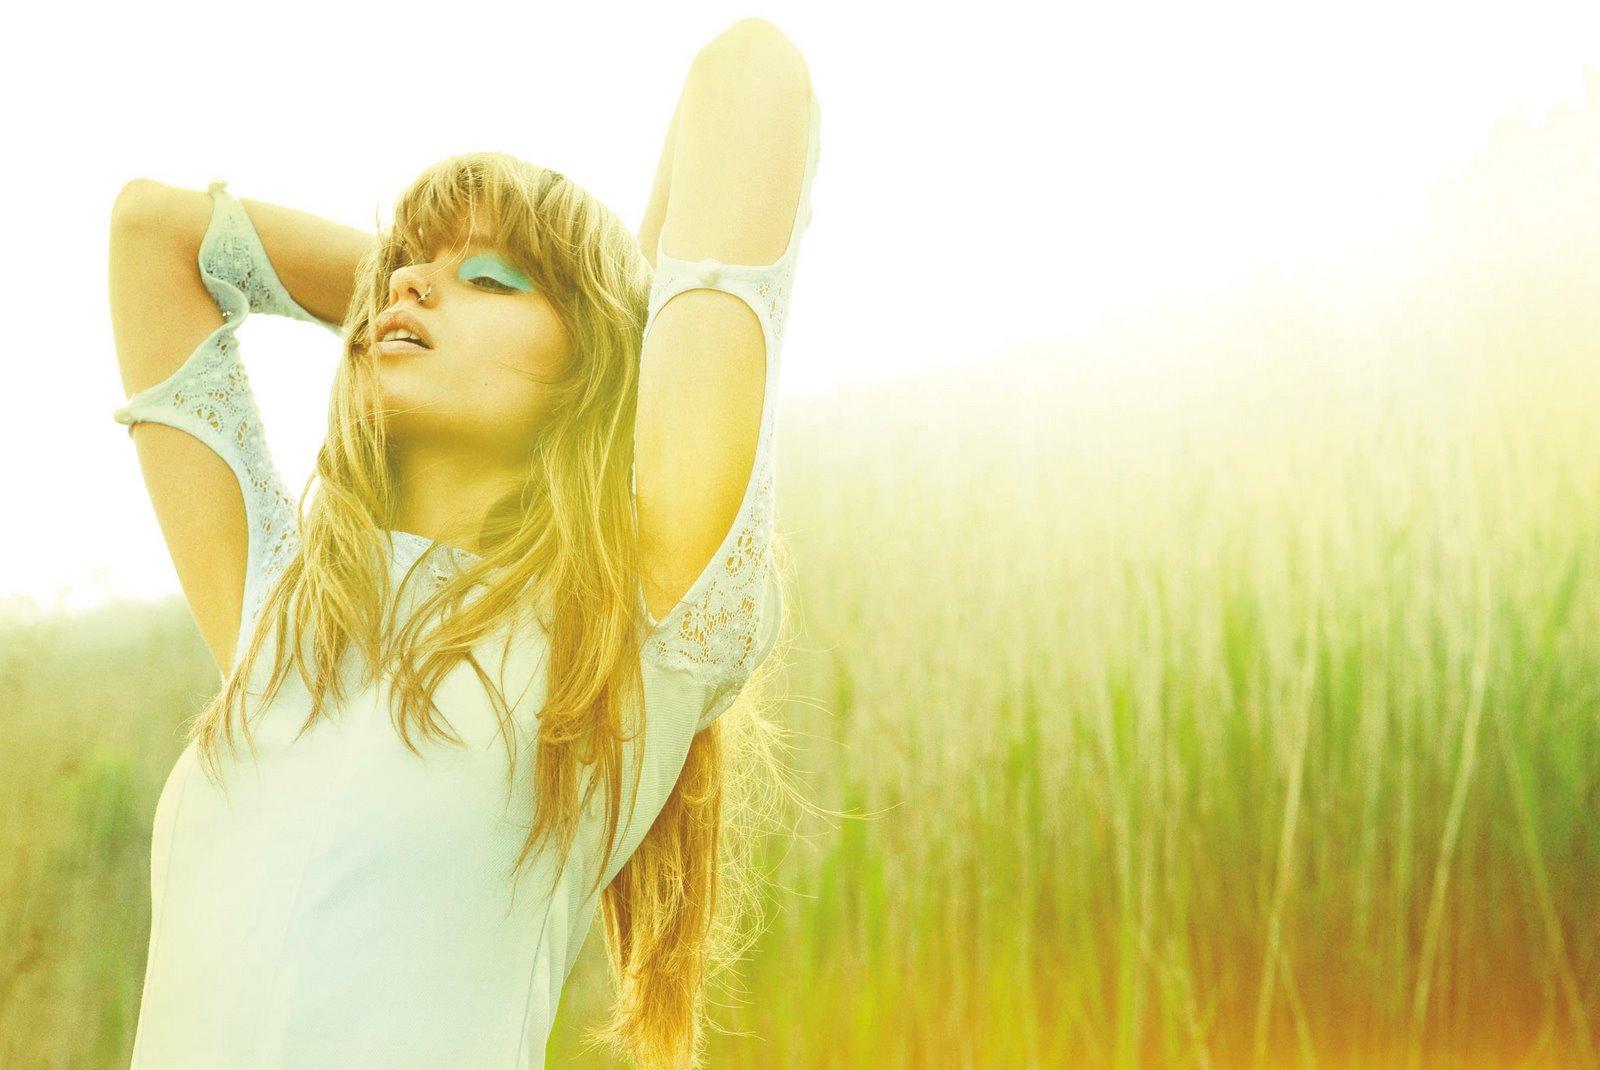 ... eu vi o horizonte recortado por músicas magoadas pelo amor que já não há...